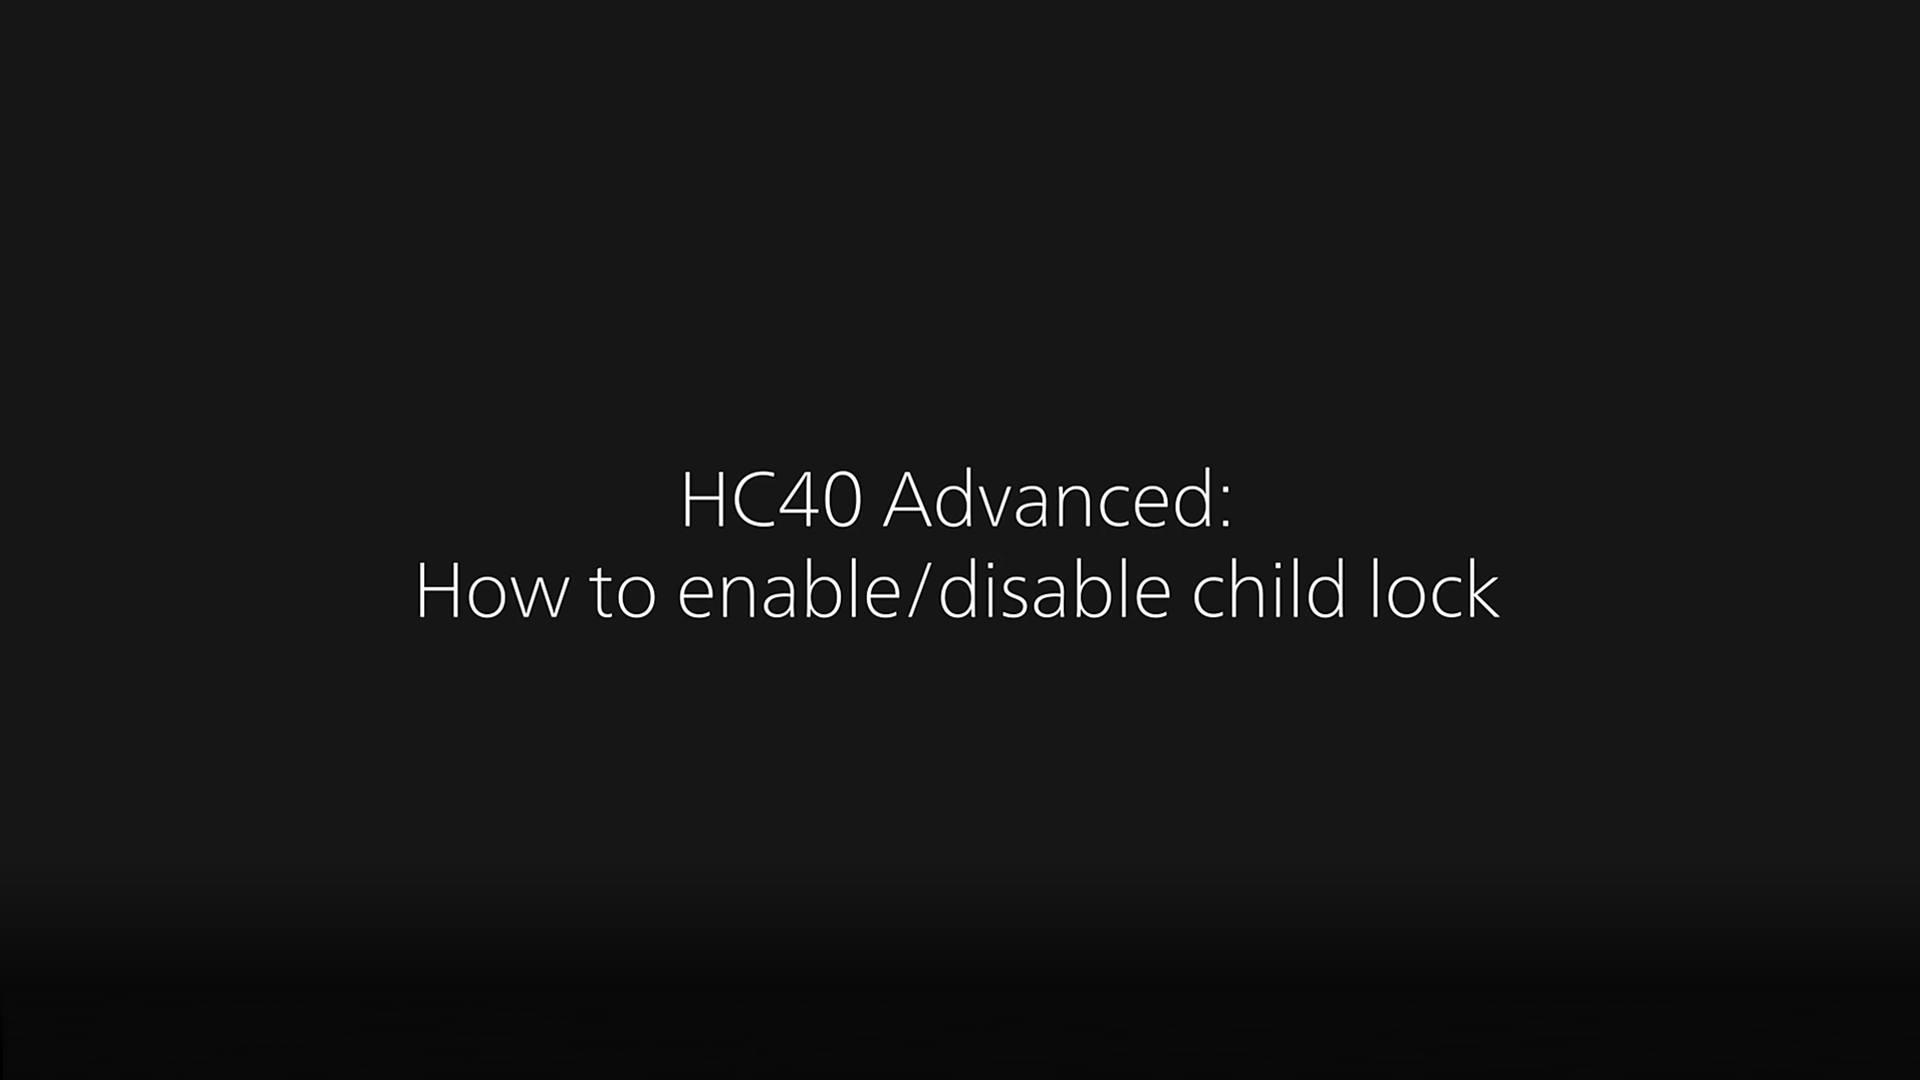 Cómo encender/apagar el bloqueo infantil en el HC40